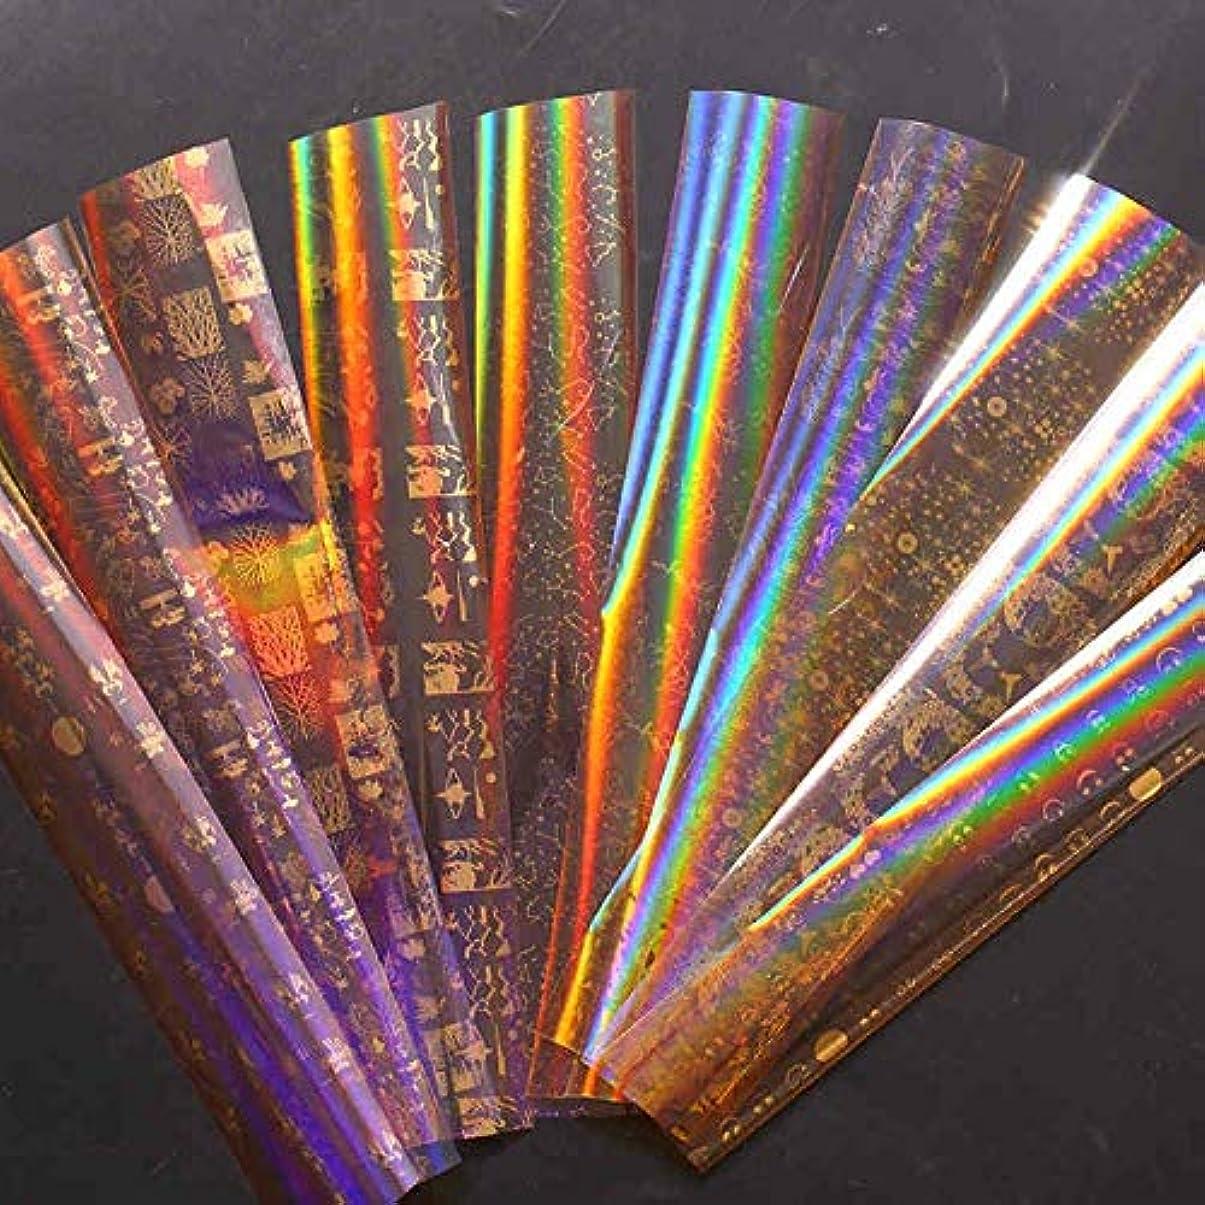 エミュレートする遊具多様なSUKTI&XIAO ネイルステッカー ホログラフィックネイルホイルセット4 * 100Cm透明ゴールドカラートランスファーステッカーマニキュアネイルアートデカール10個、金